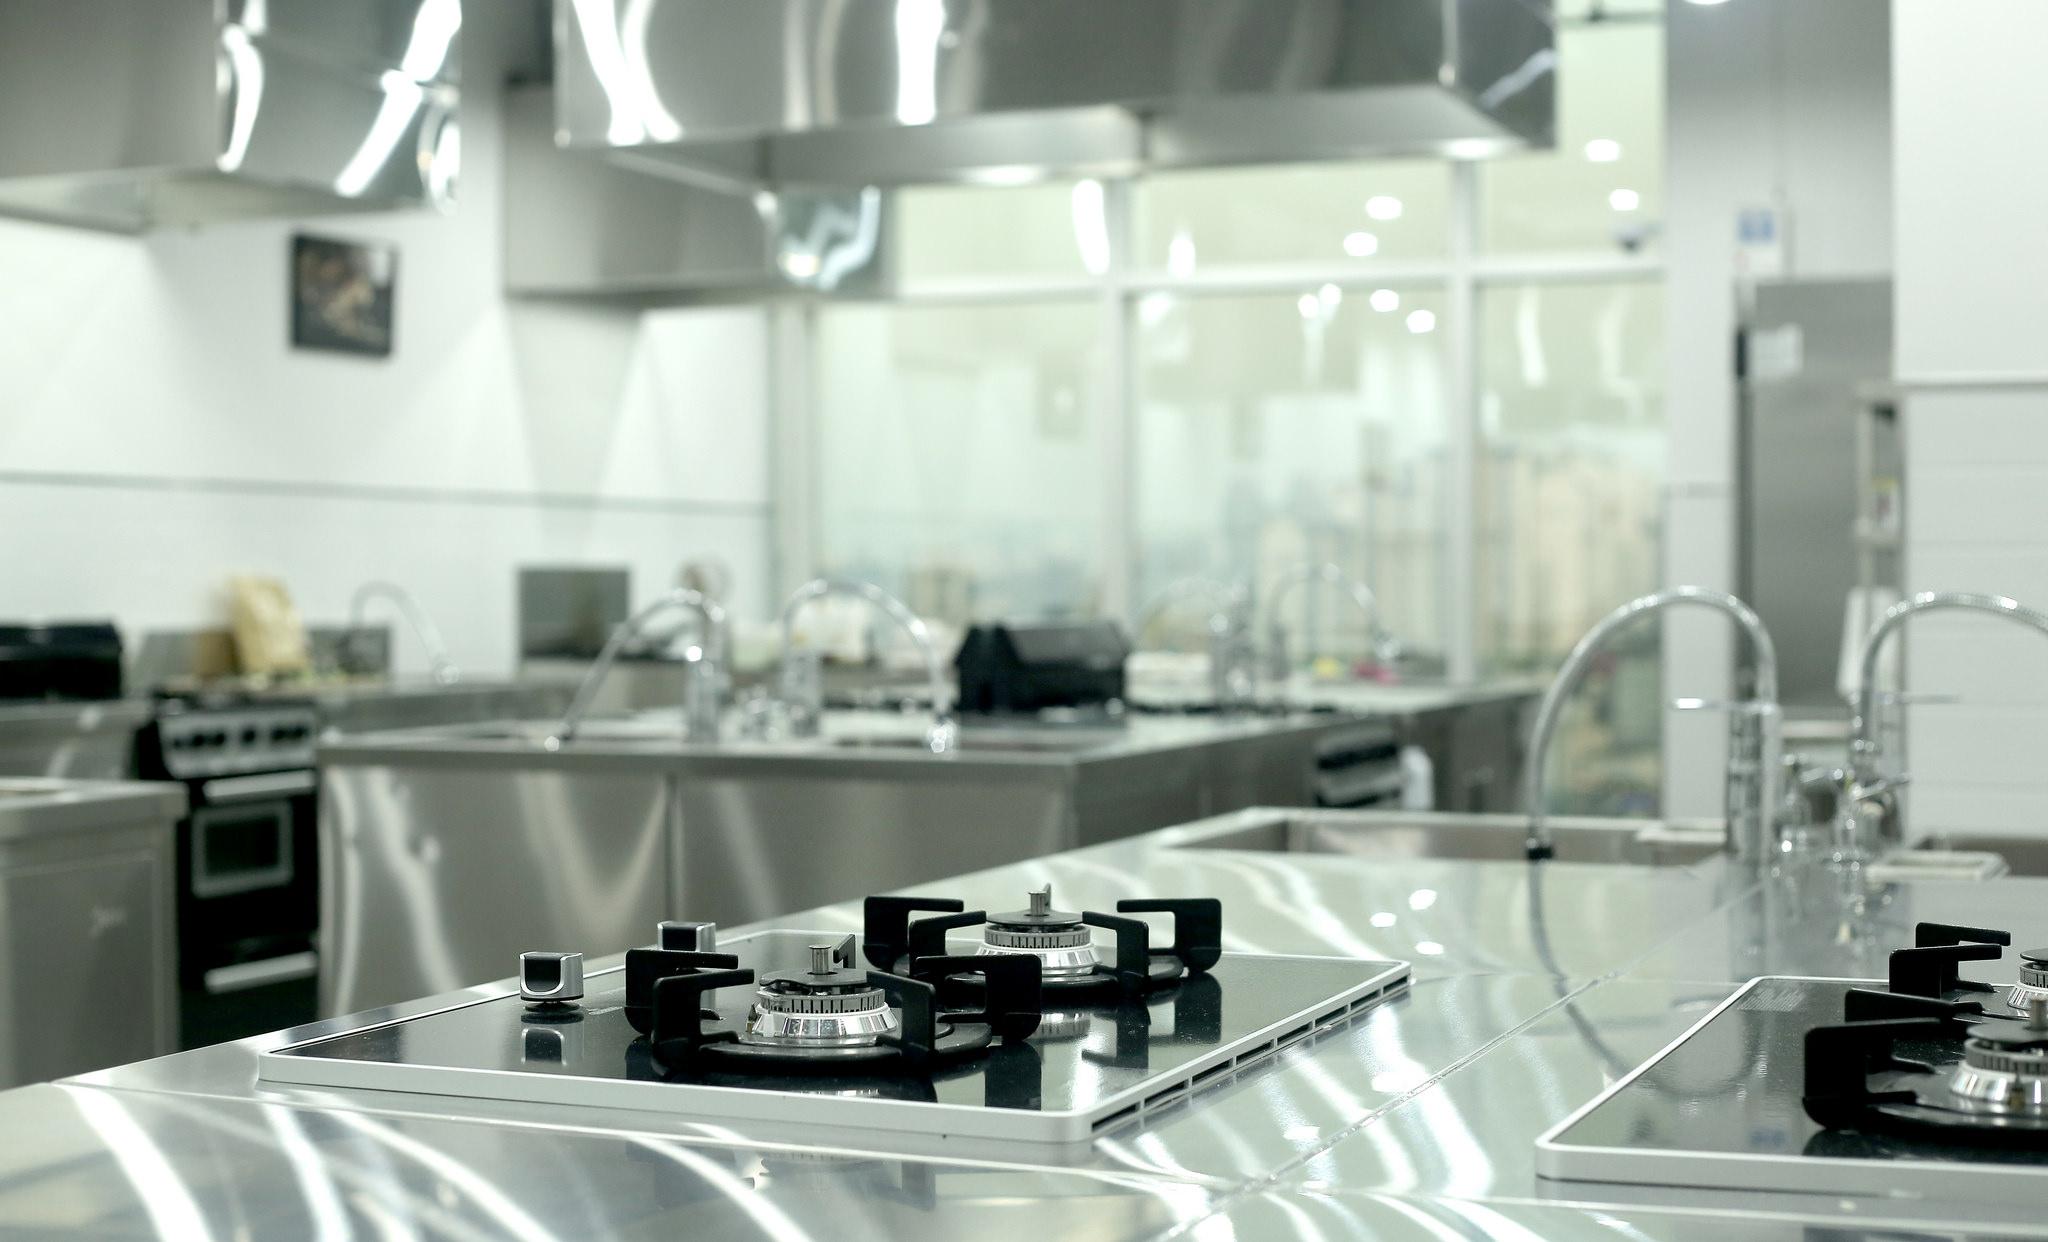 Cucine Professionali Regole Di Manutenzione E Pulizia Per Tenerle Sempre In Ordine Dinamica Store